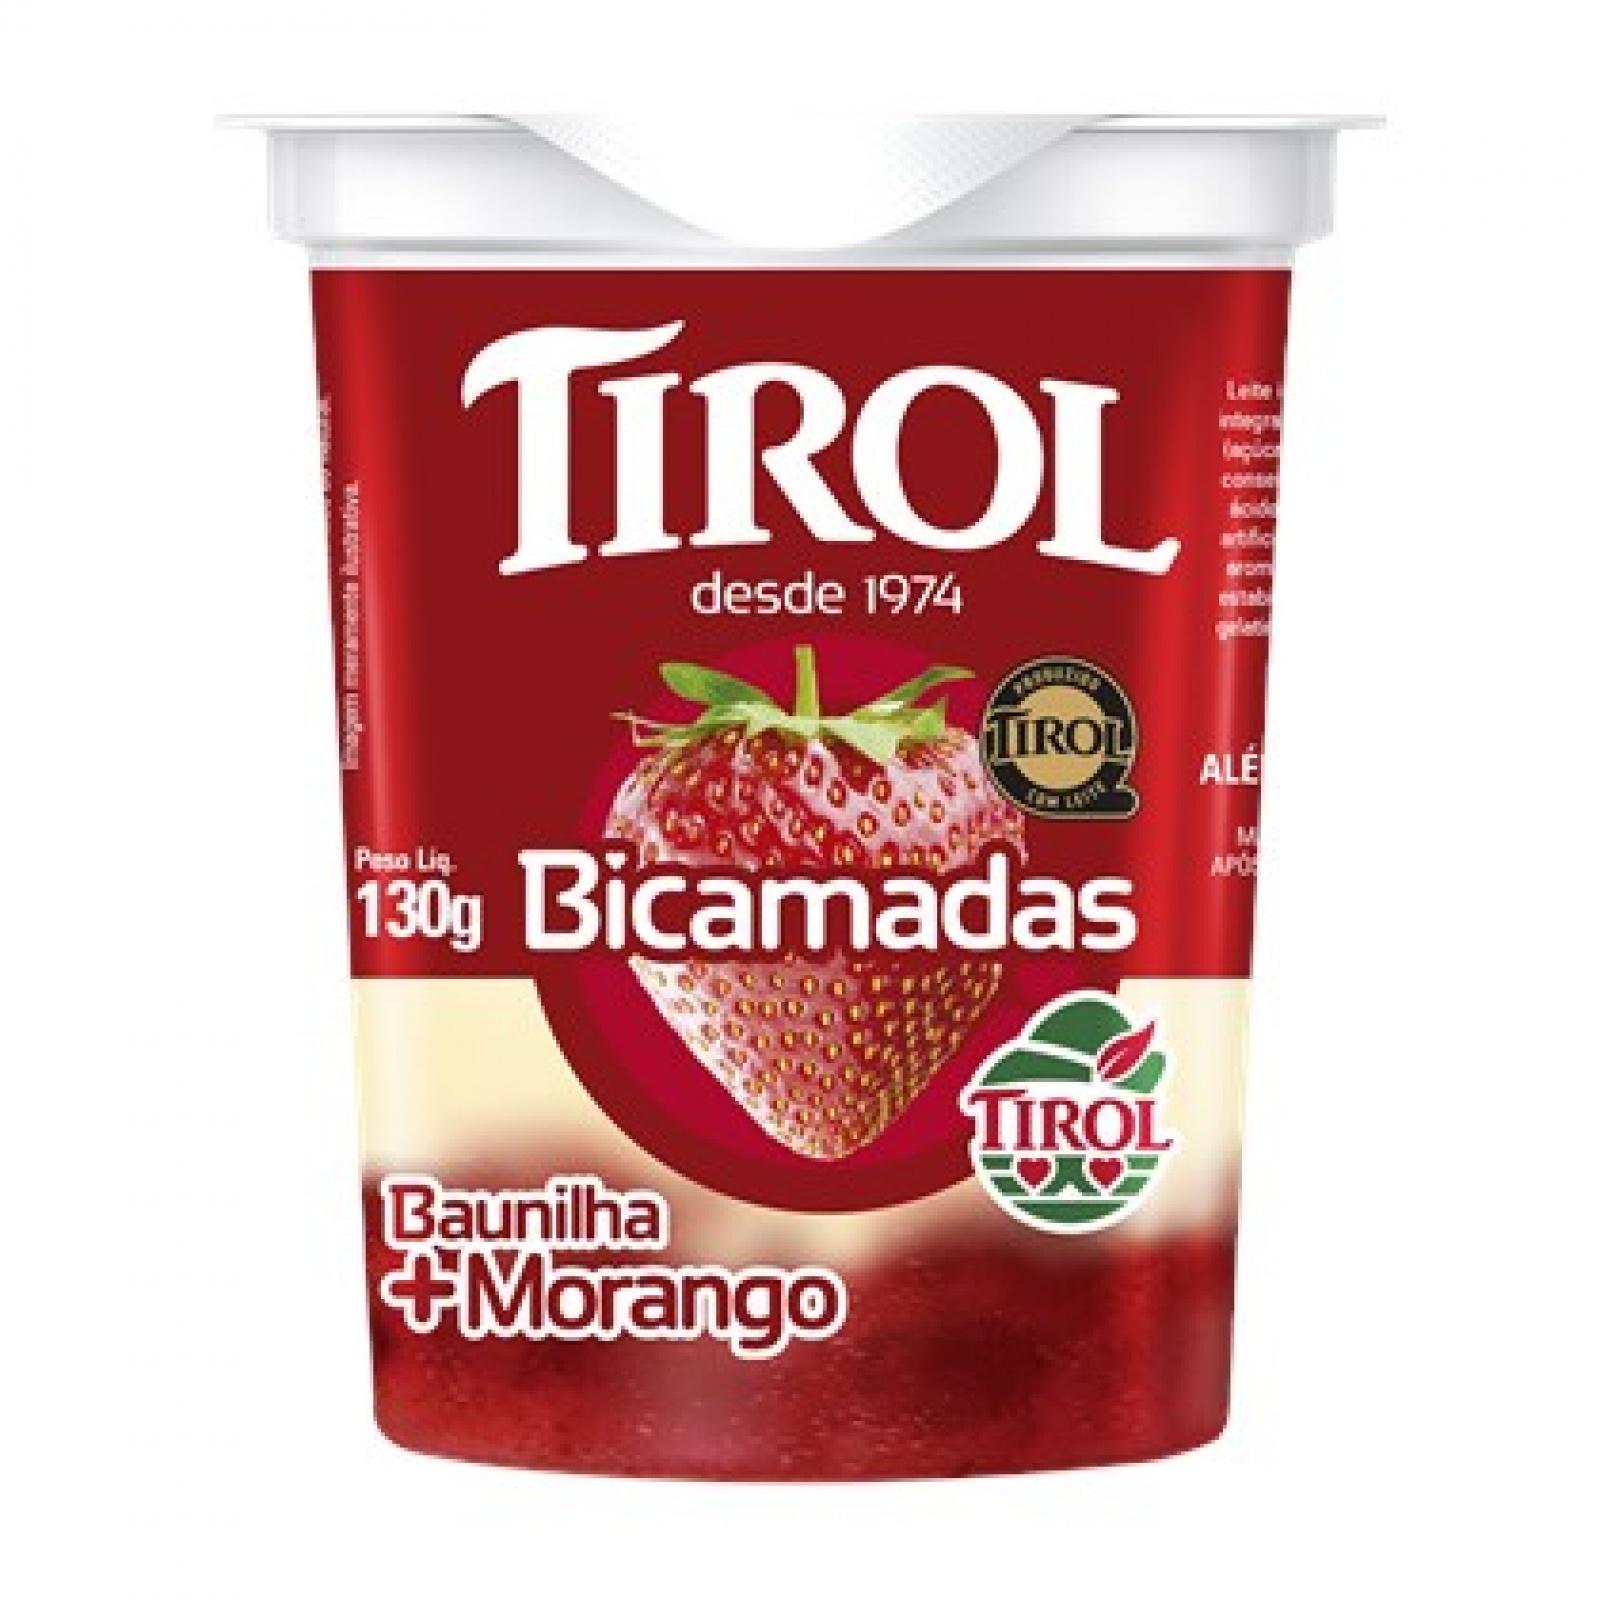 Iogurte Bicamadas Morango 130g